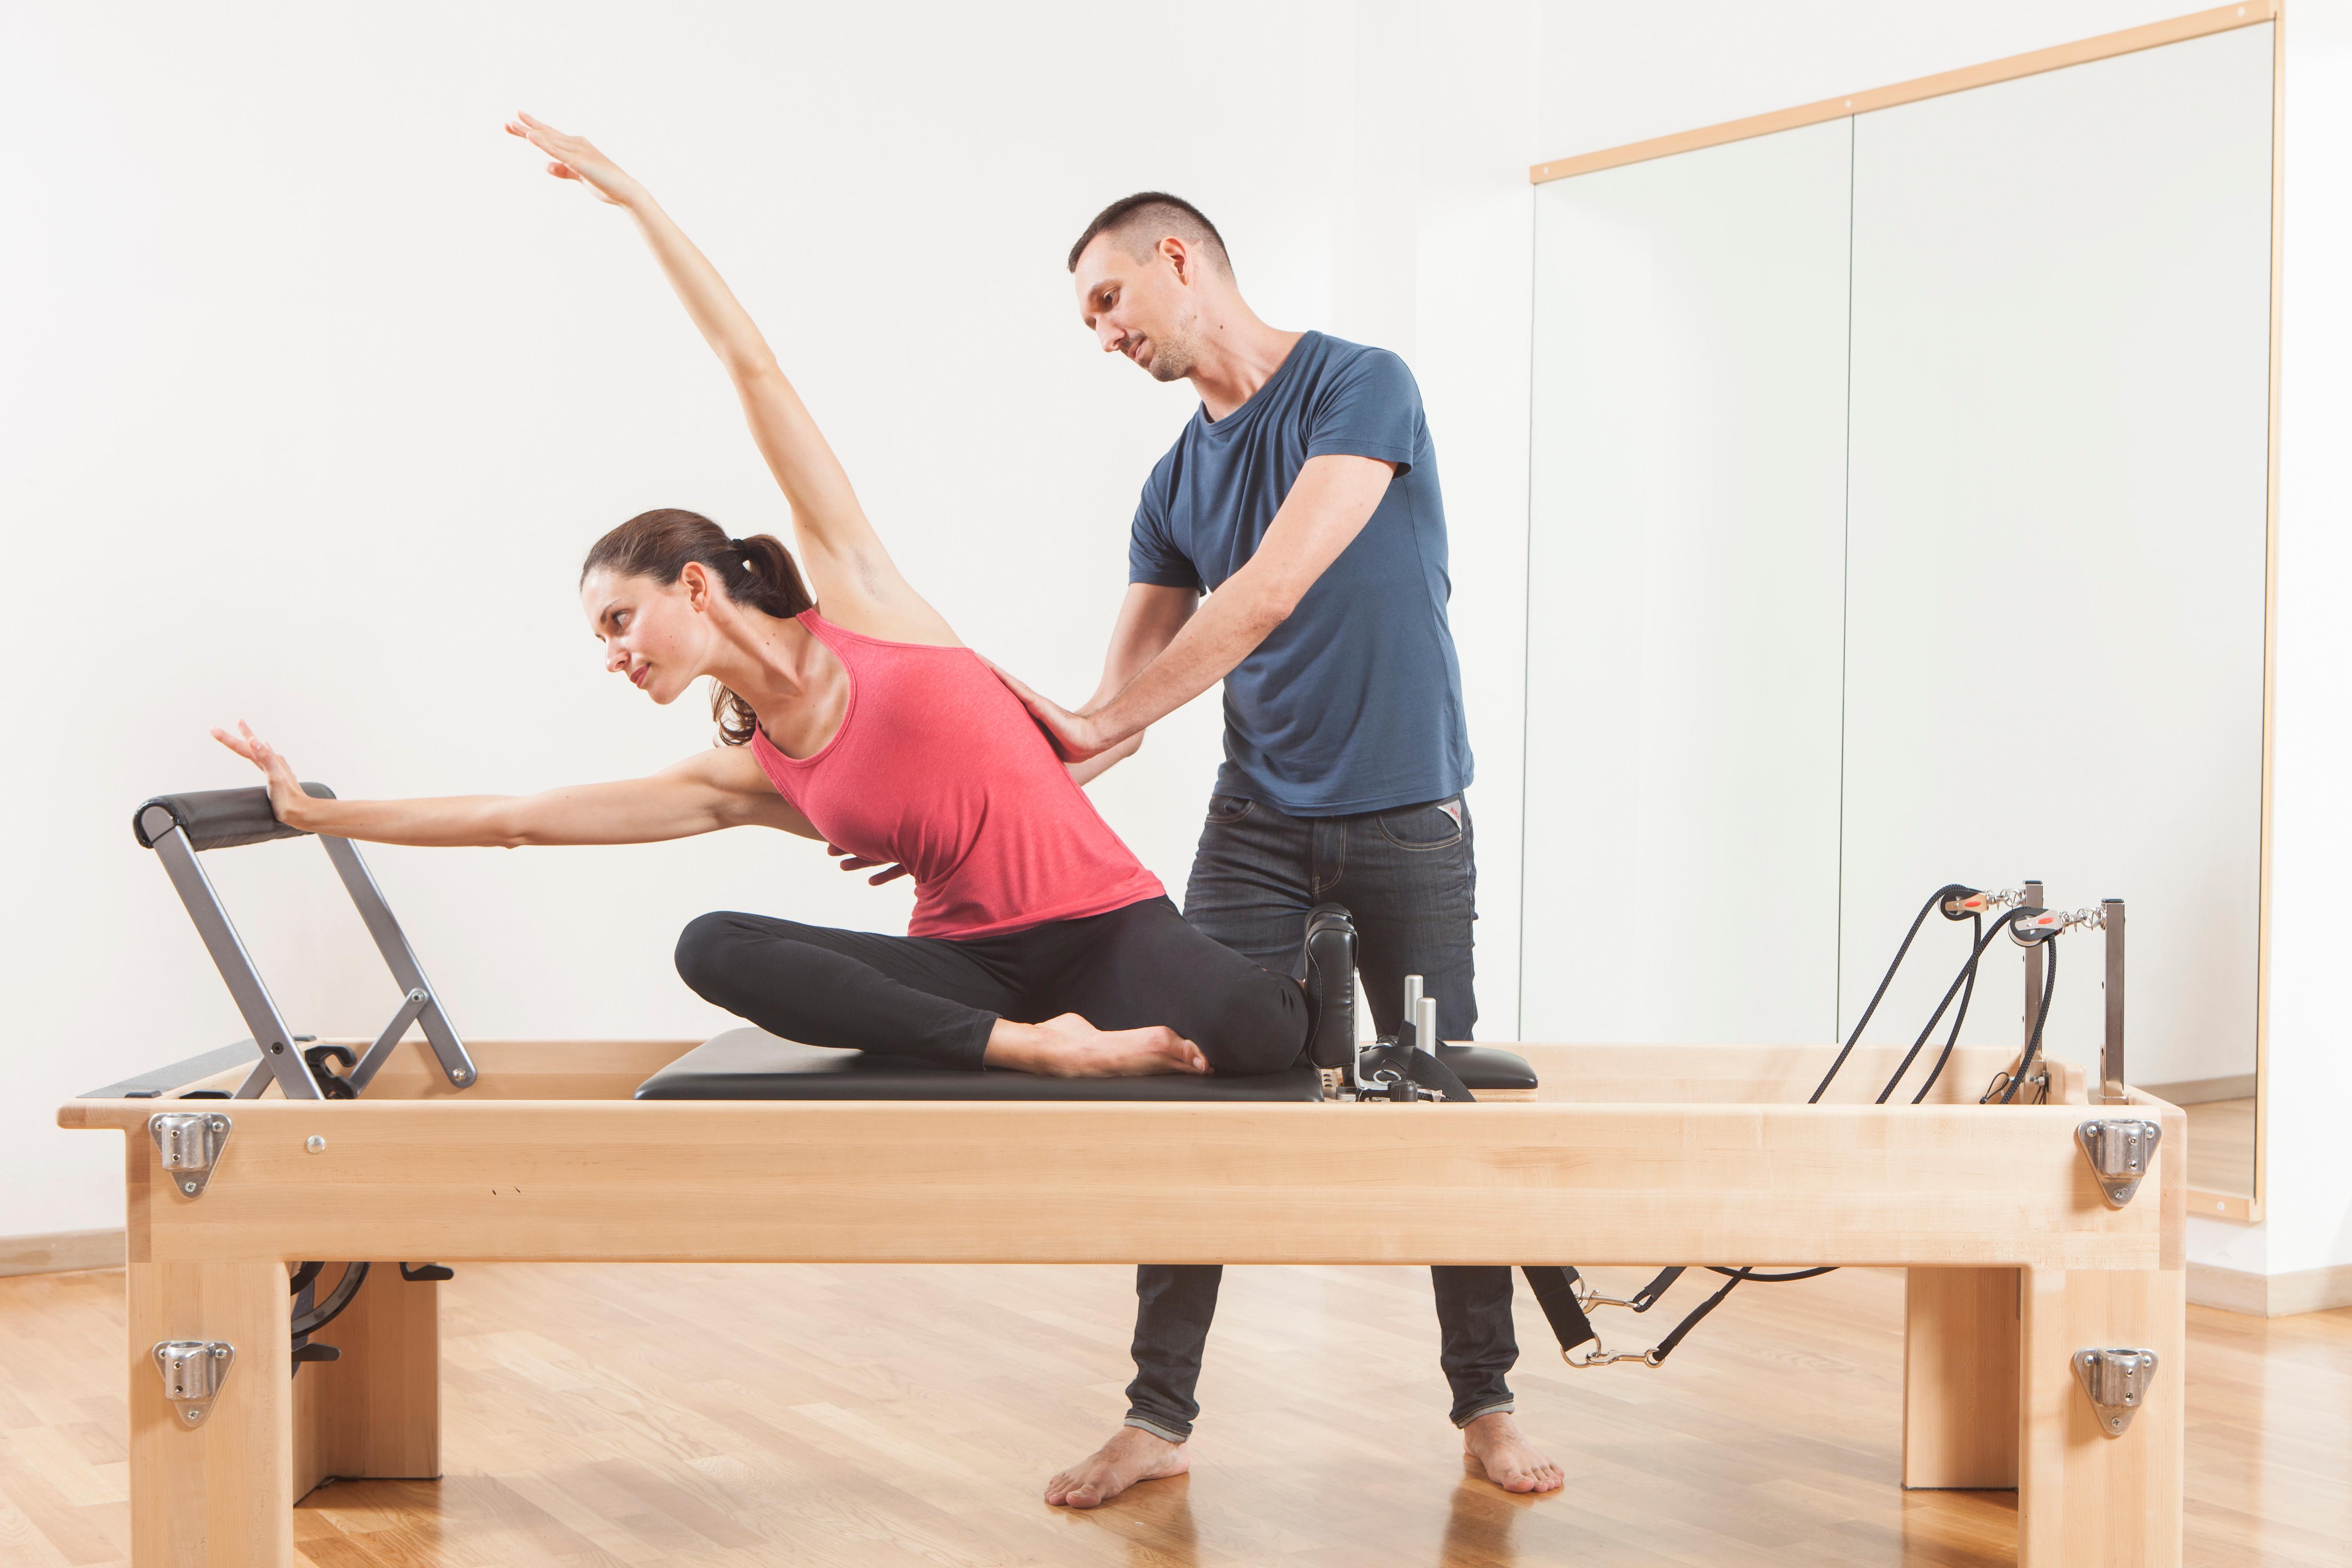 Private Pilates Apparatus - FR/EN/LUX